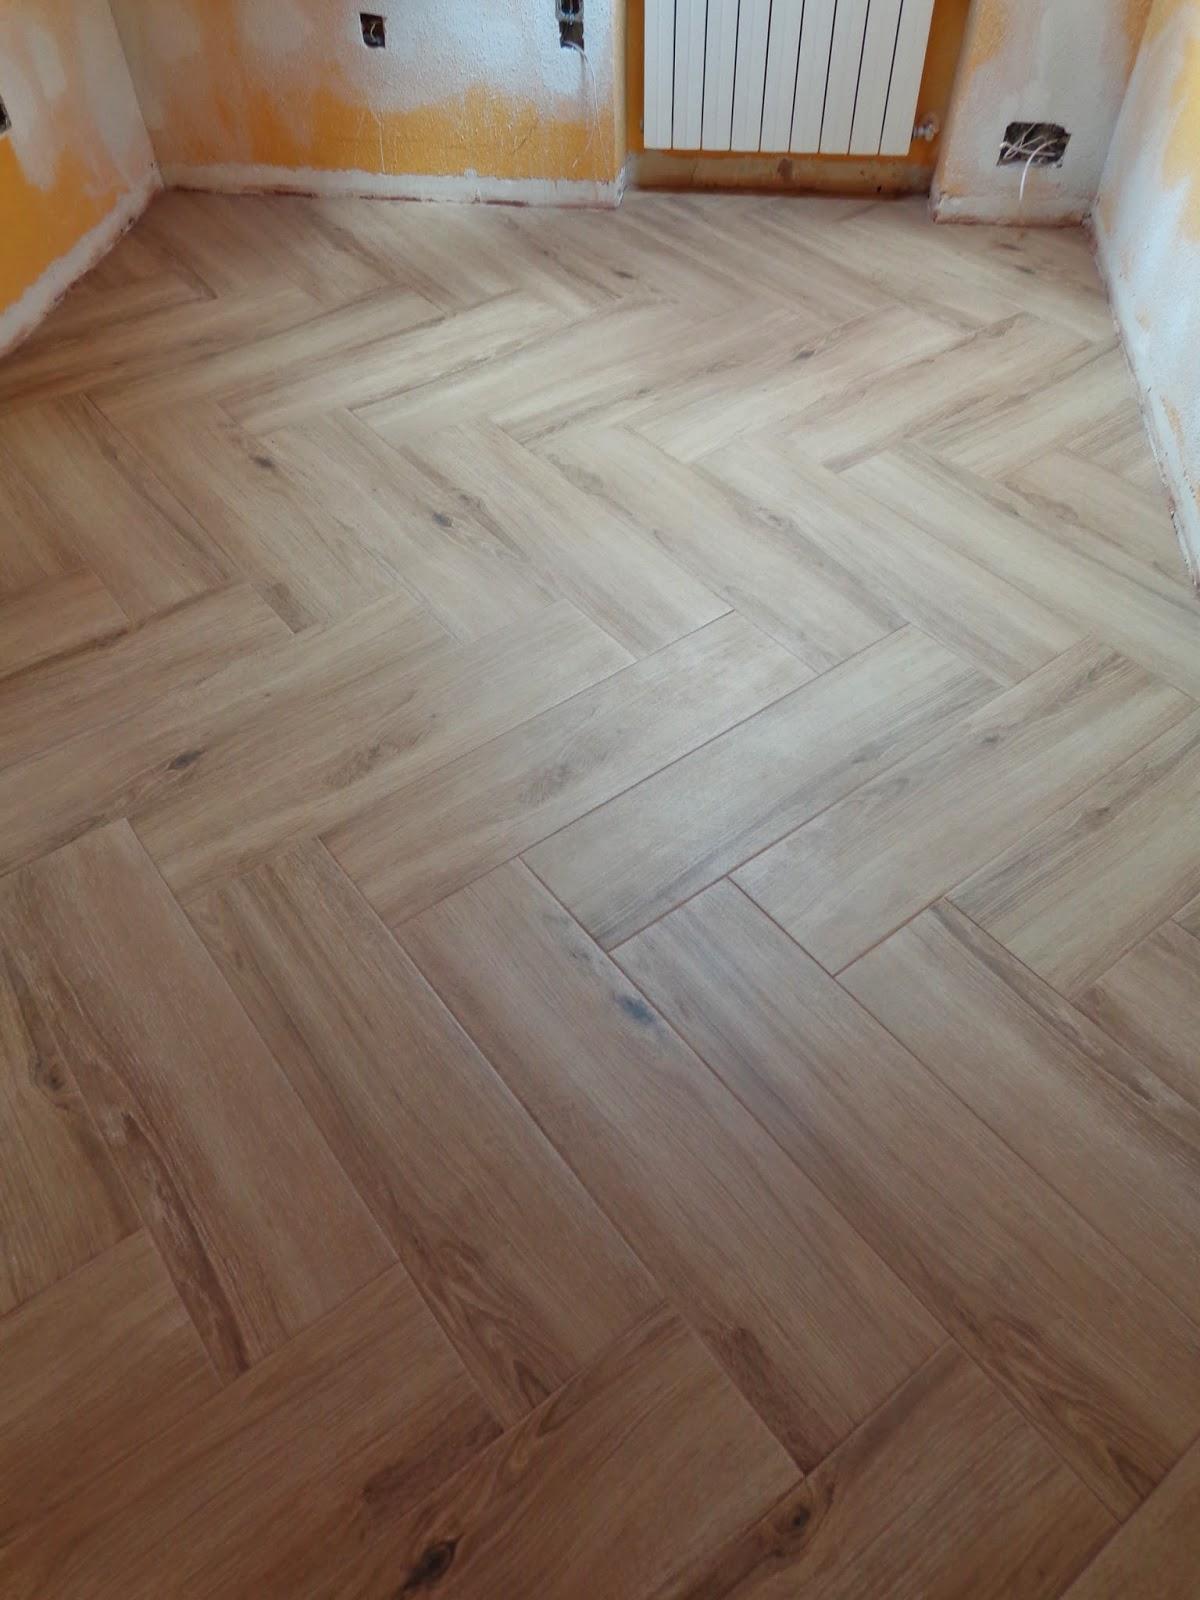 Baldosassa suelos porcel nicos imitacion madera - Suelo gres imitacion madera ...